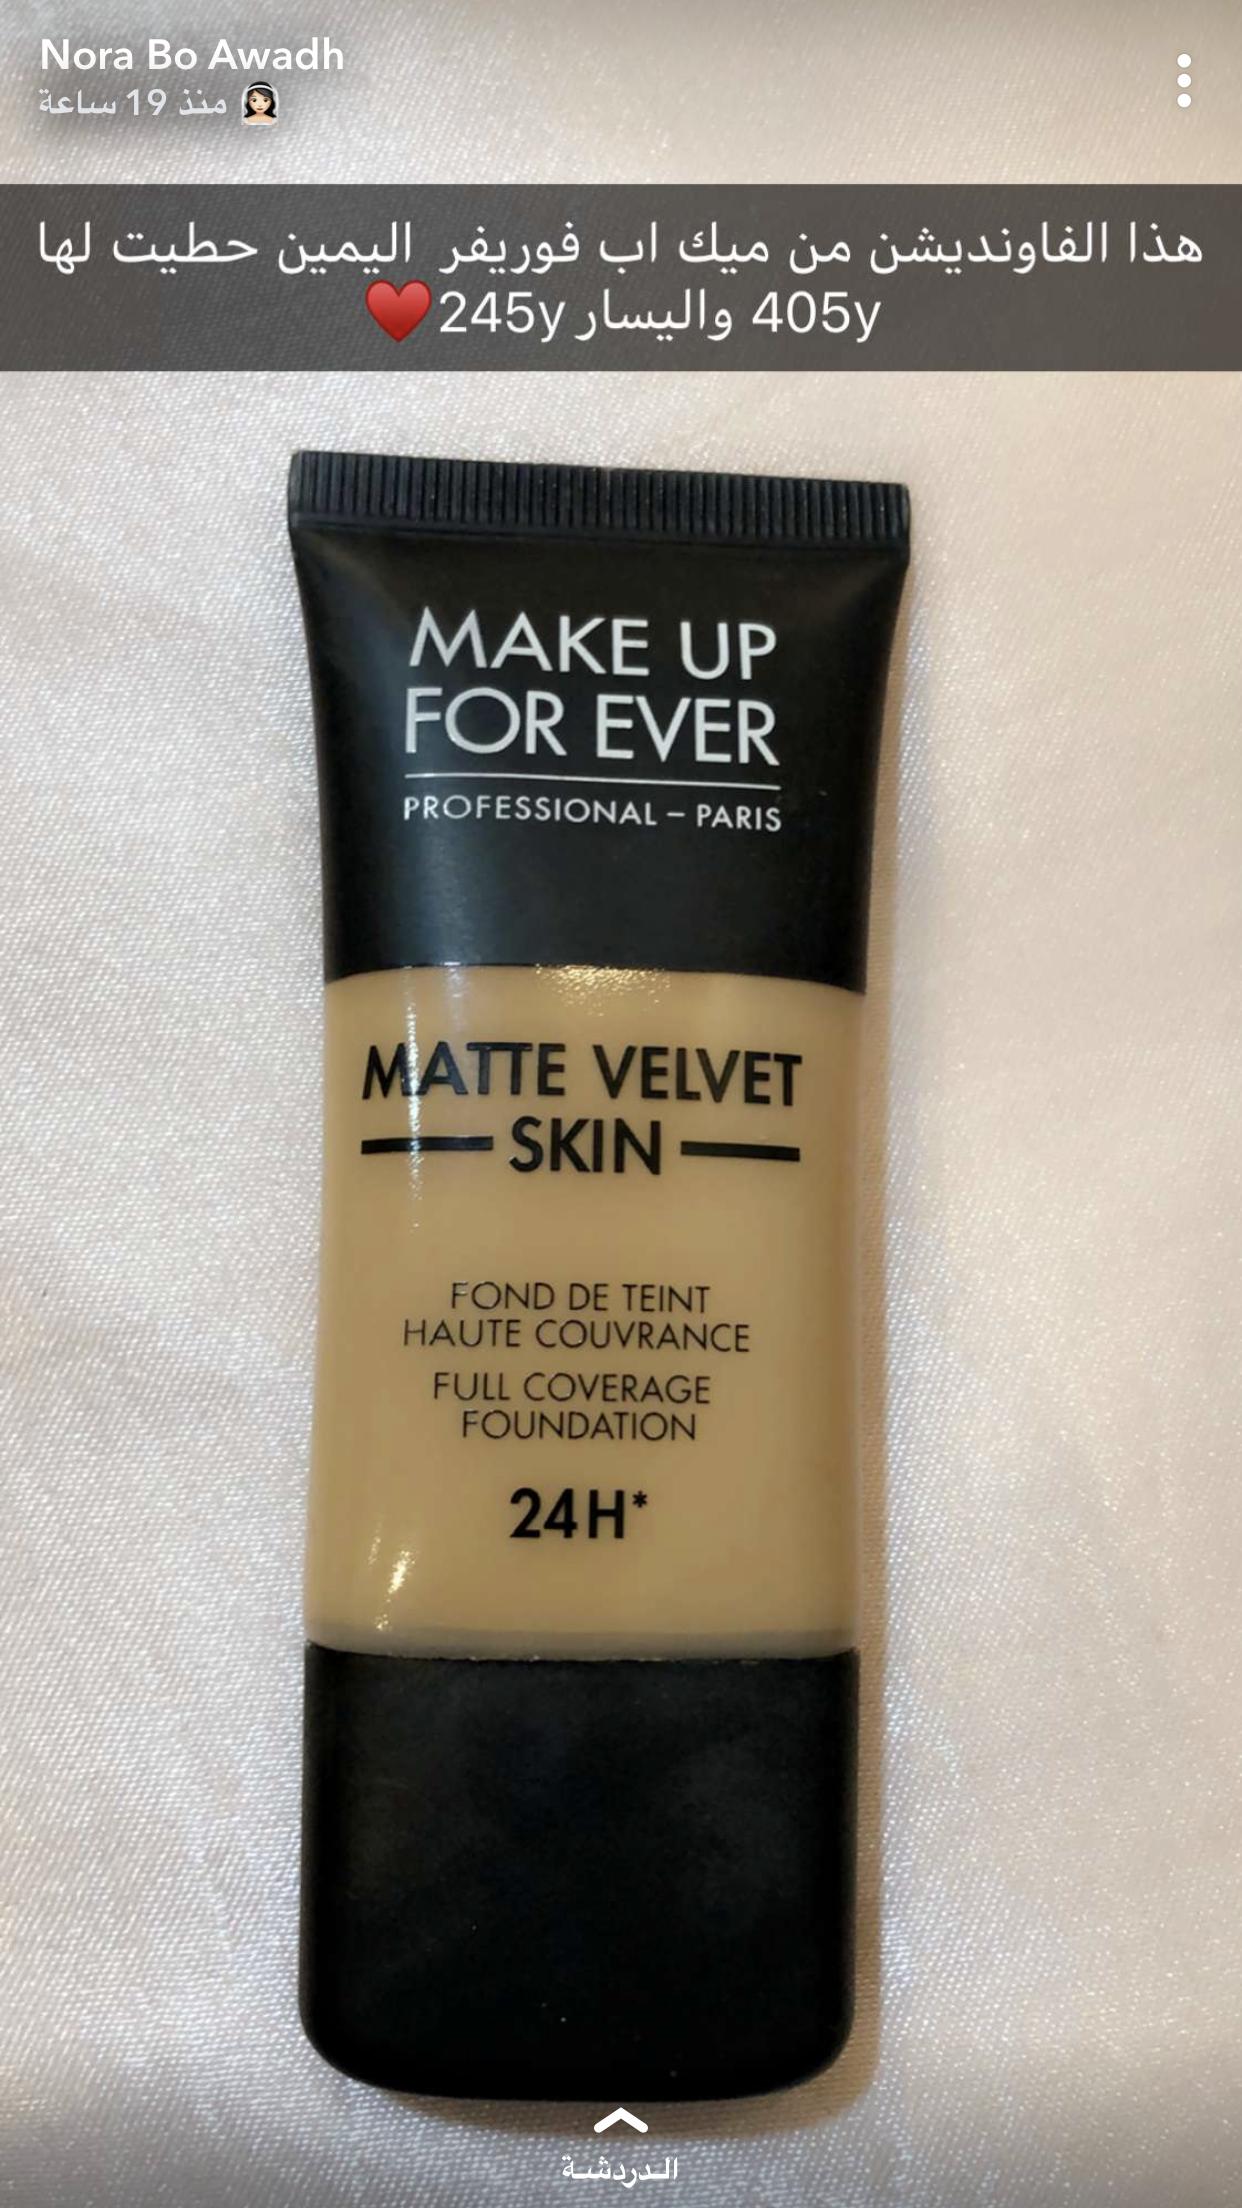 Pin By سومز العنزي On تصوير شاشه لسنابات Velvet Skin Make Up For Ever Coverage Foundation